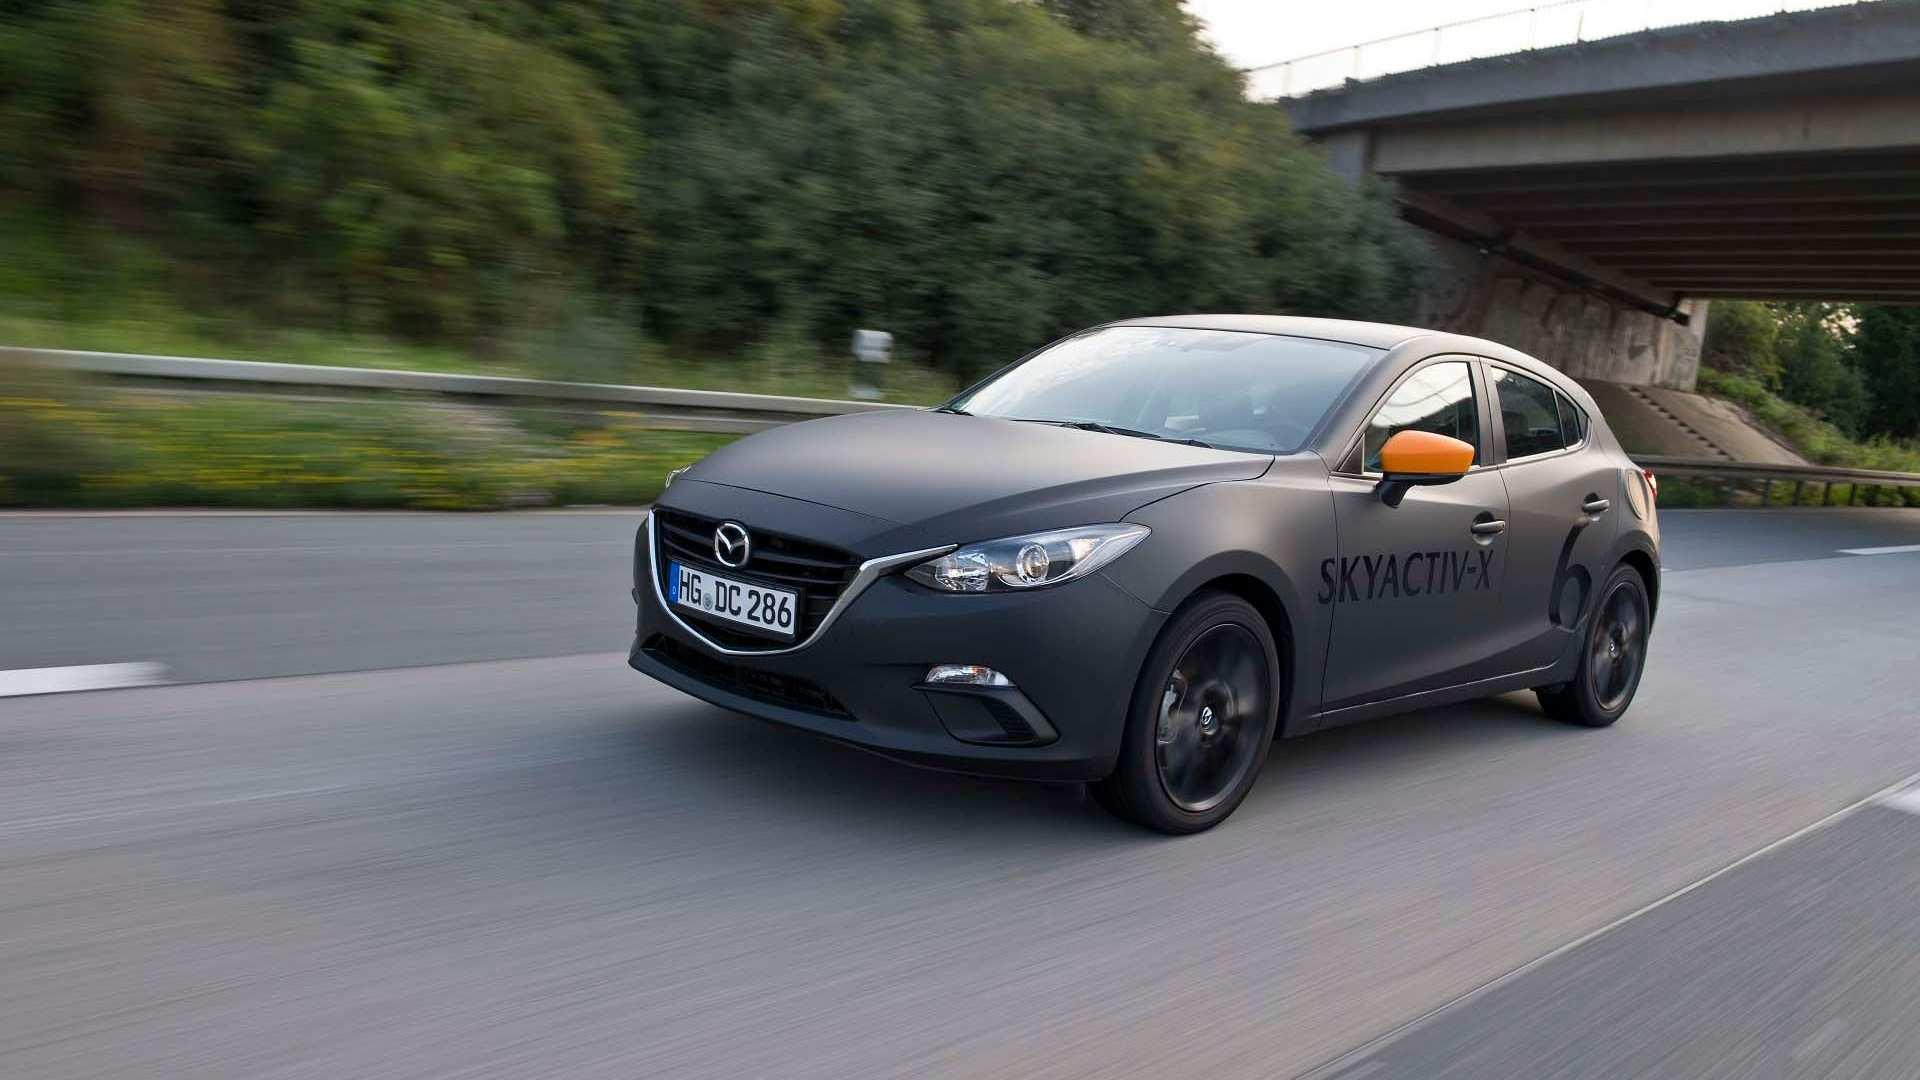 83 New 2020 Mazda 3 Sedan Release by 2020 Mazda 3 Sedan